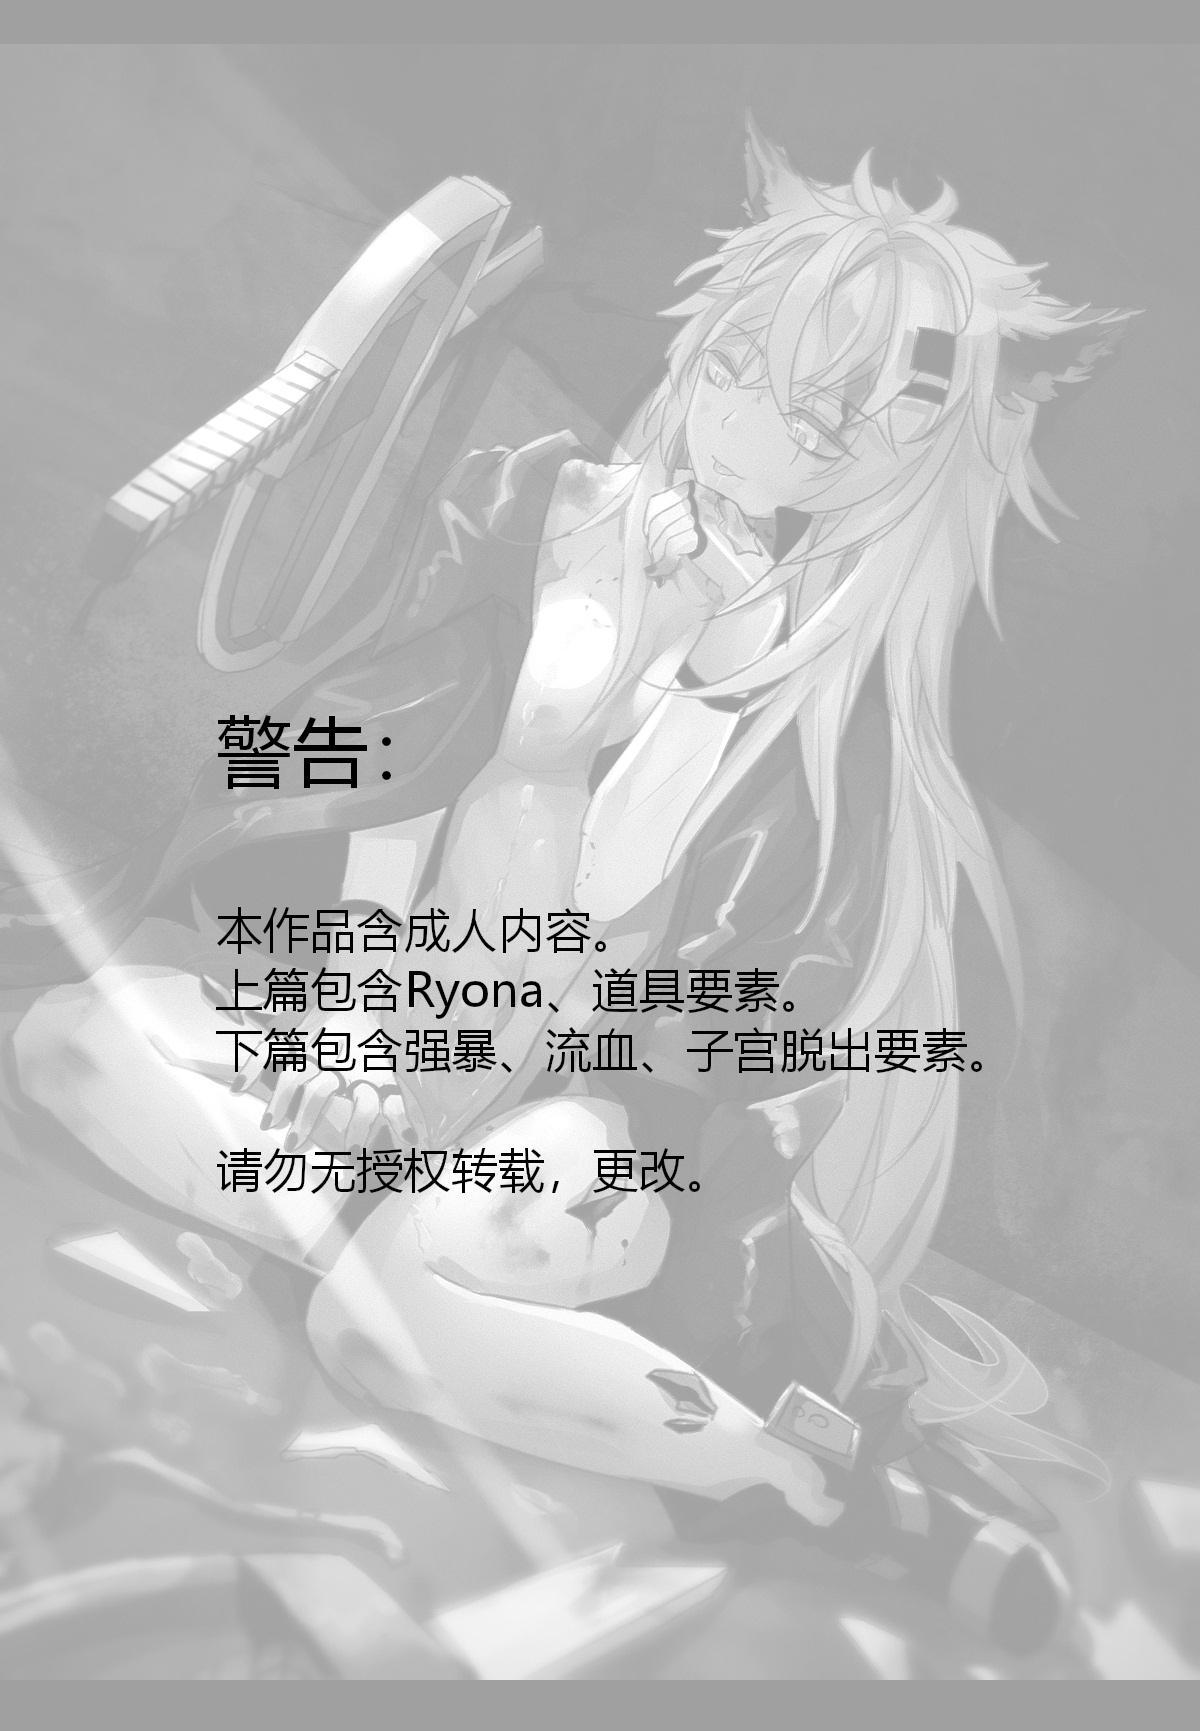 源力破壊(明日方舟) 9